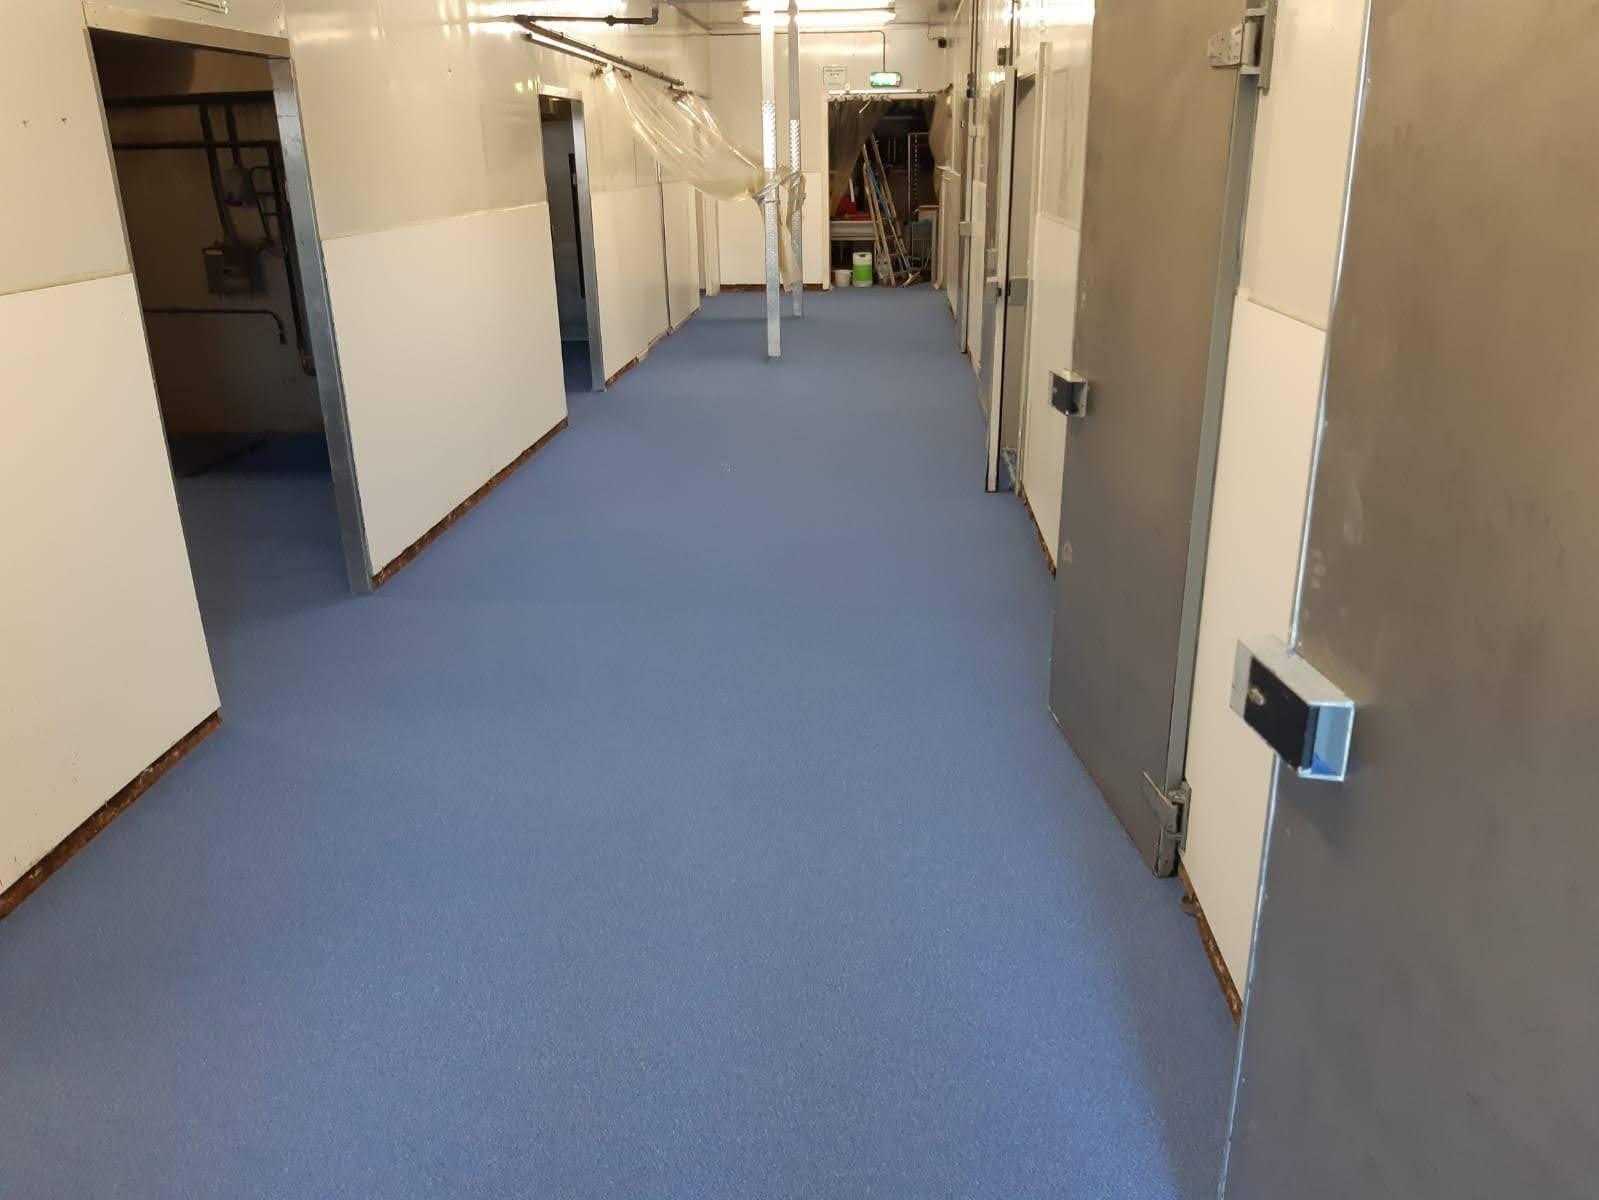 HACCP-vloer voedselverwerkingsbedrijf Capelle aan den IJssel